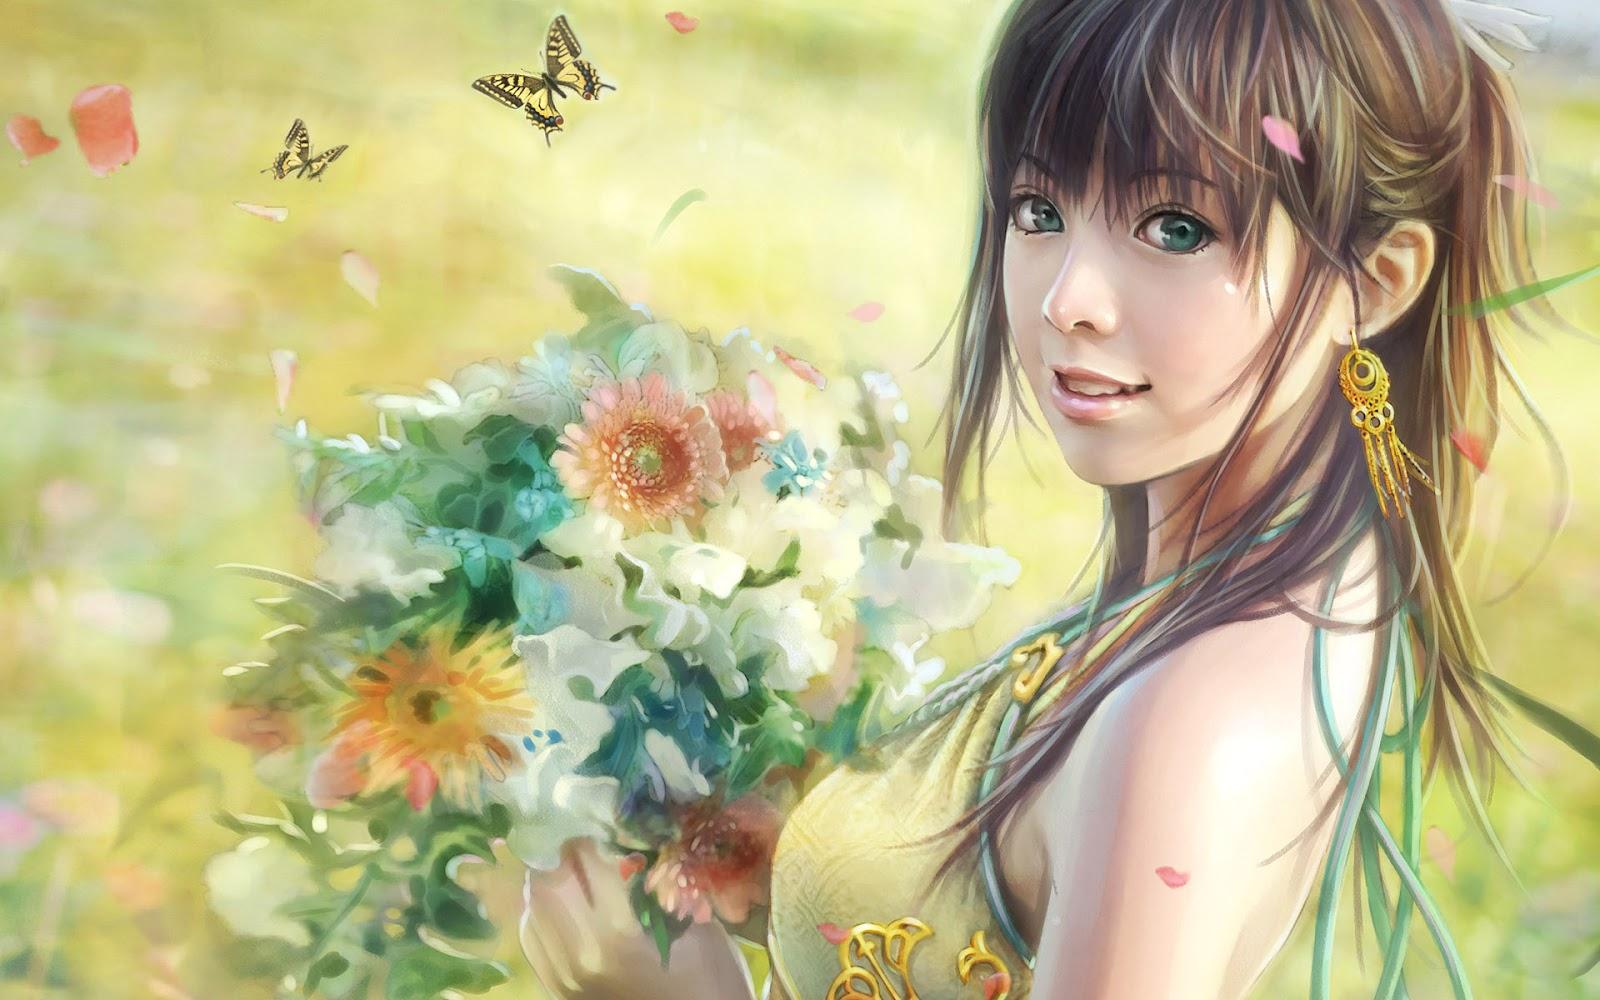 http://1.bp.blogspot.com/-jHxxp2qUedE/T8zAYI5Qs2I/AAAAAAAAHH4/e1K69_pqIRE/s1600/fantasy-girl-anime-cg-cute-flowers-girl-hd-japanese-pretty-widescreen.jpg